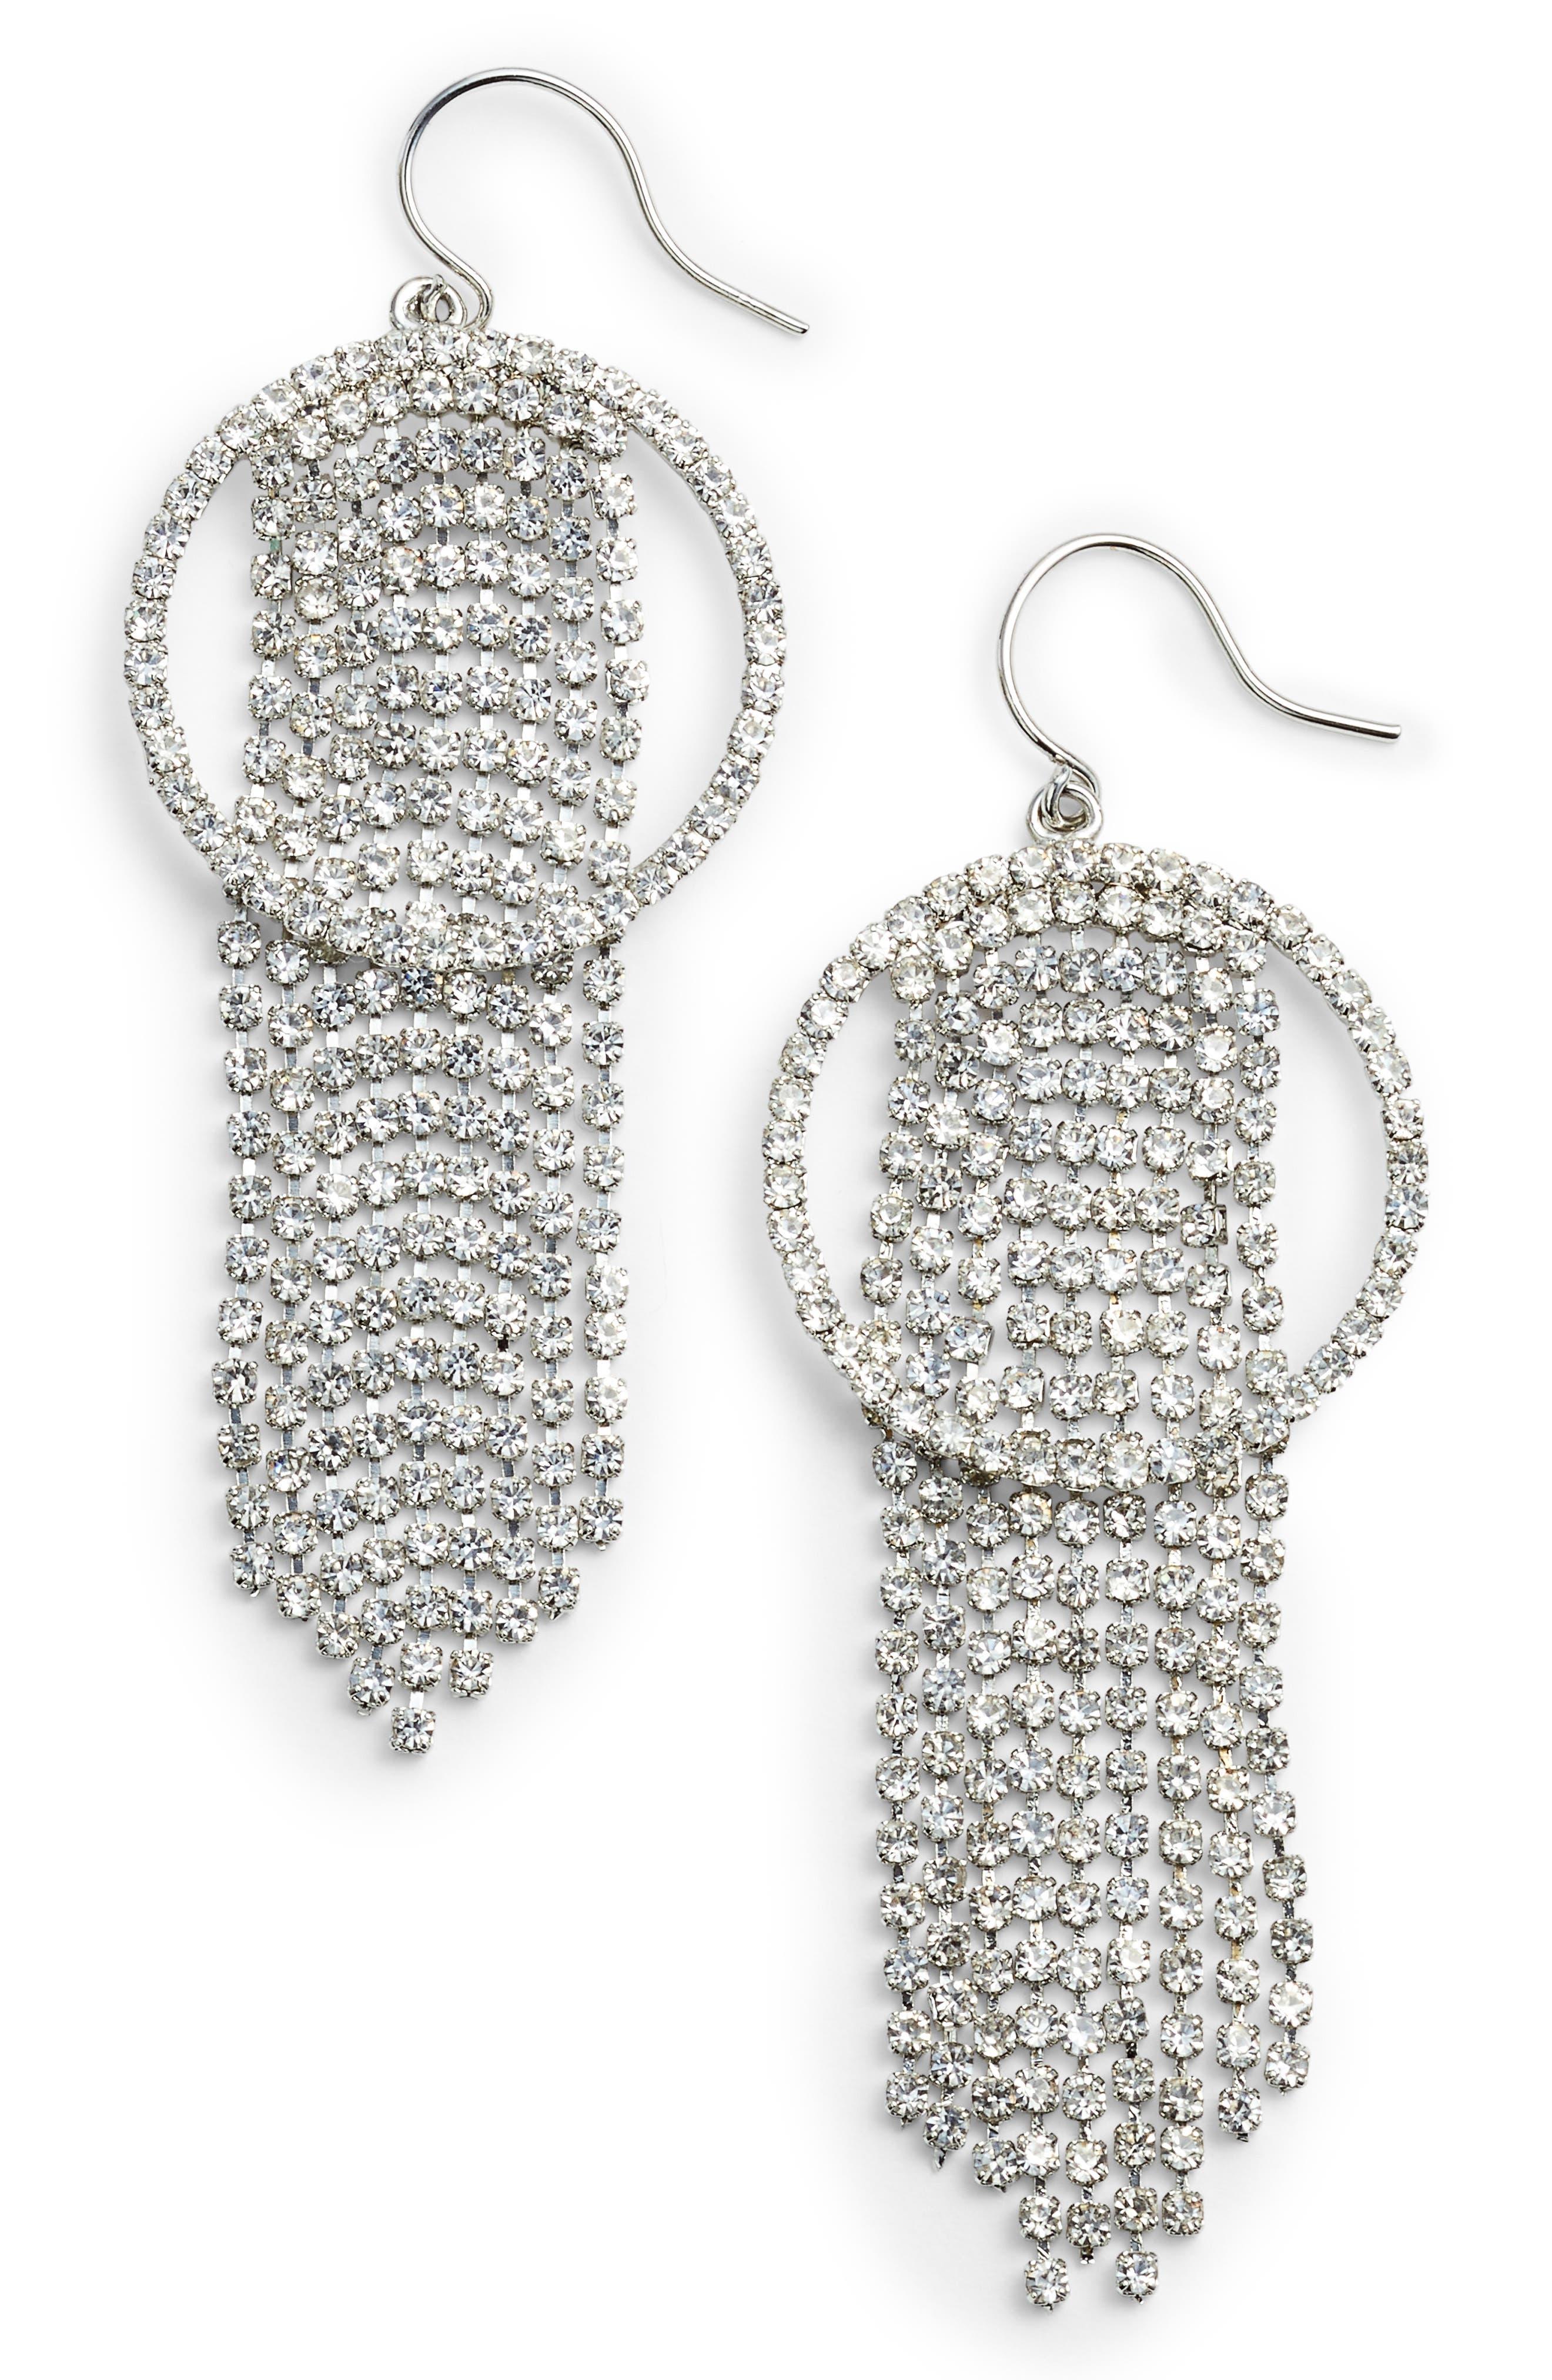 Main Image - CRISTABELLE Frontal Hoop Crystal Fringe Drop Earrings